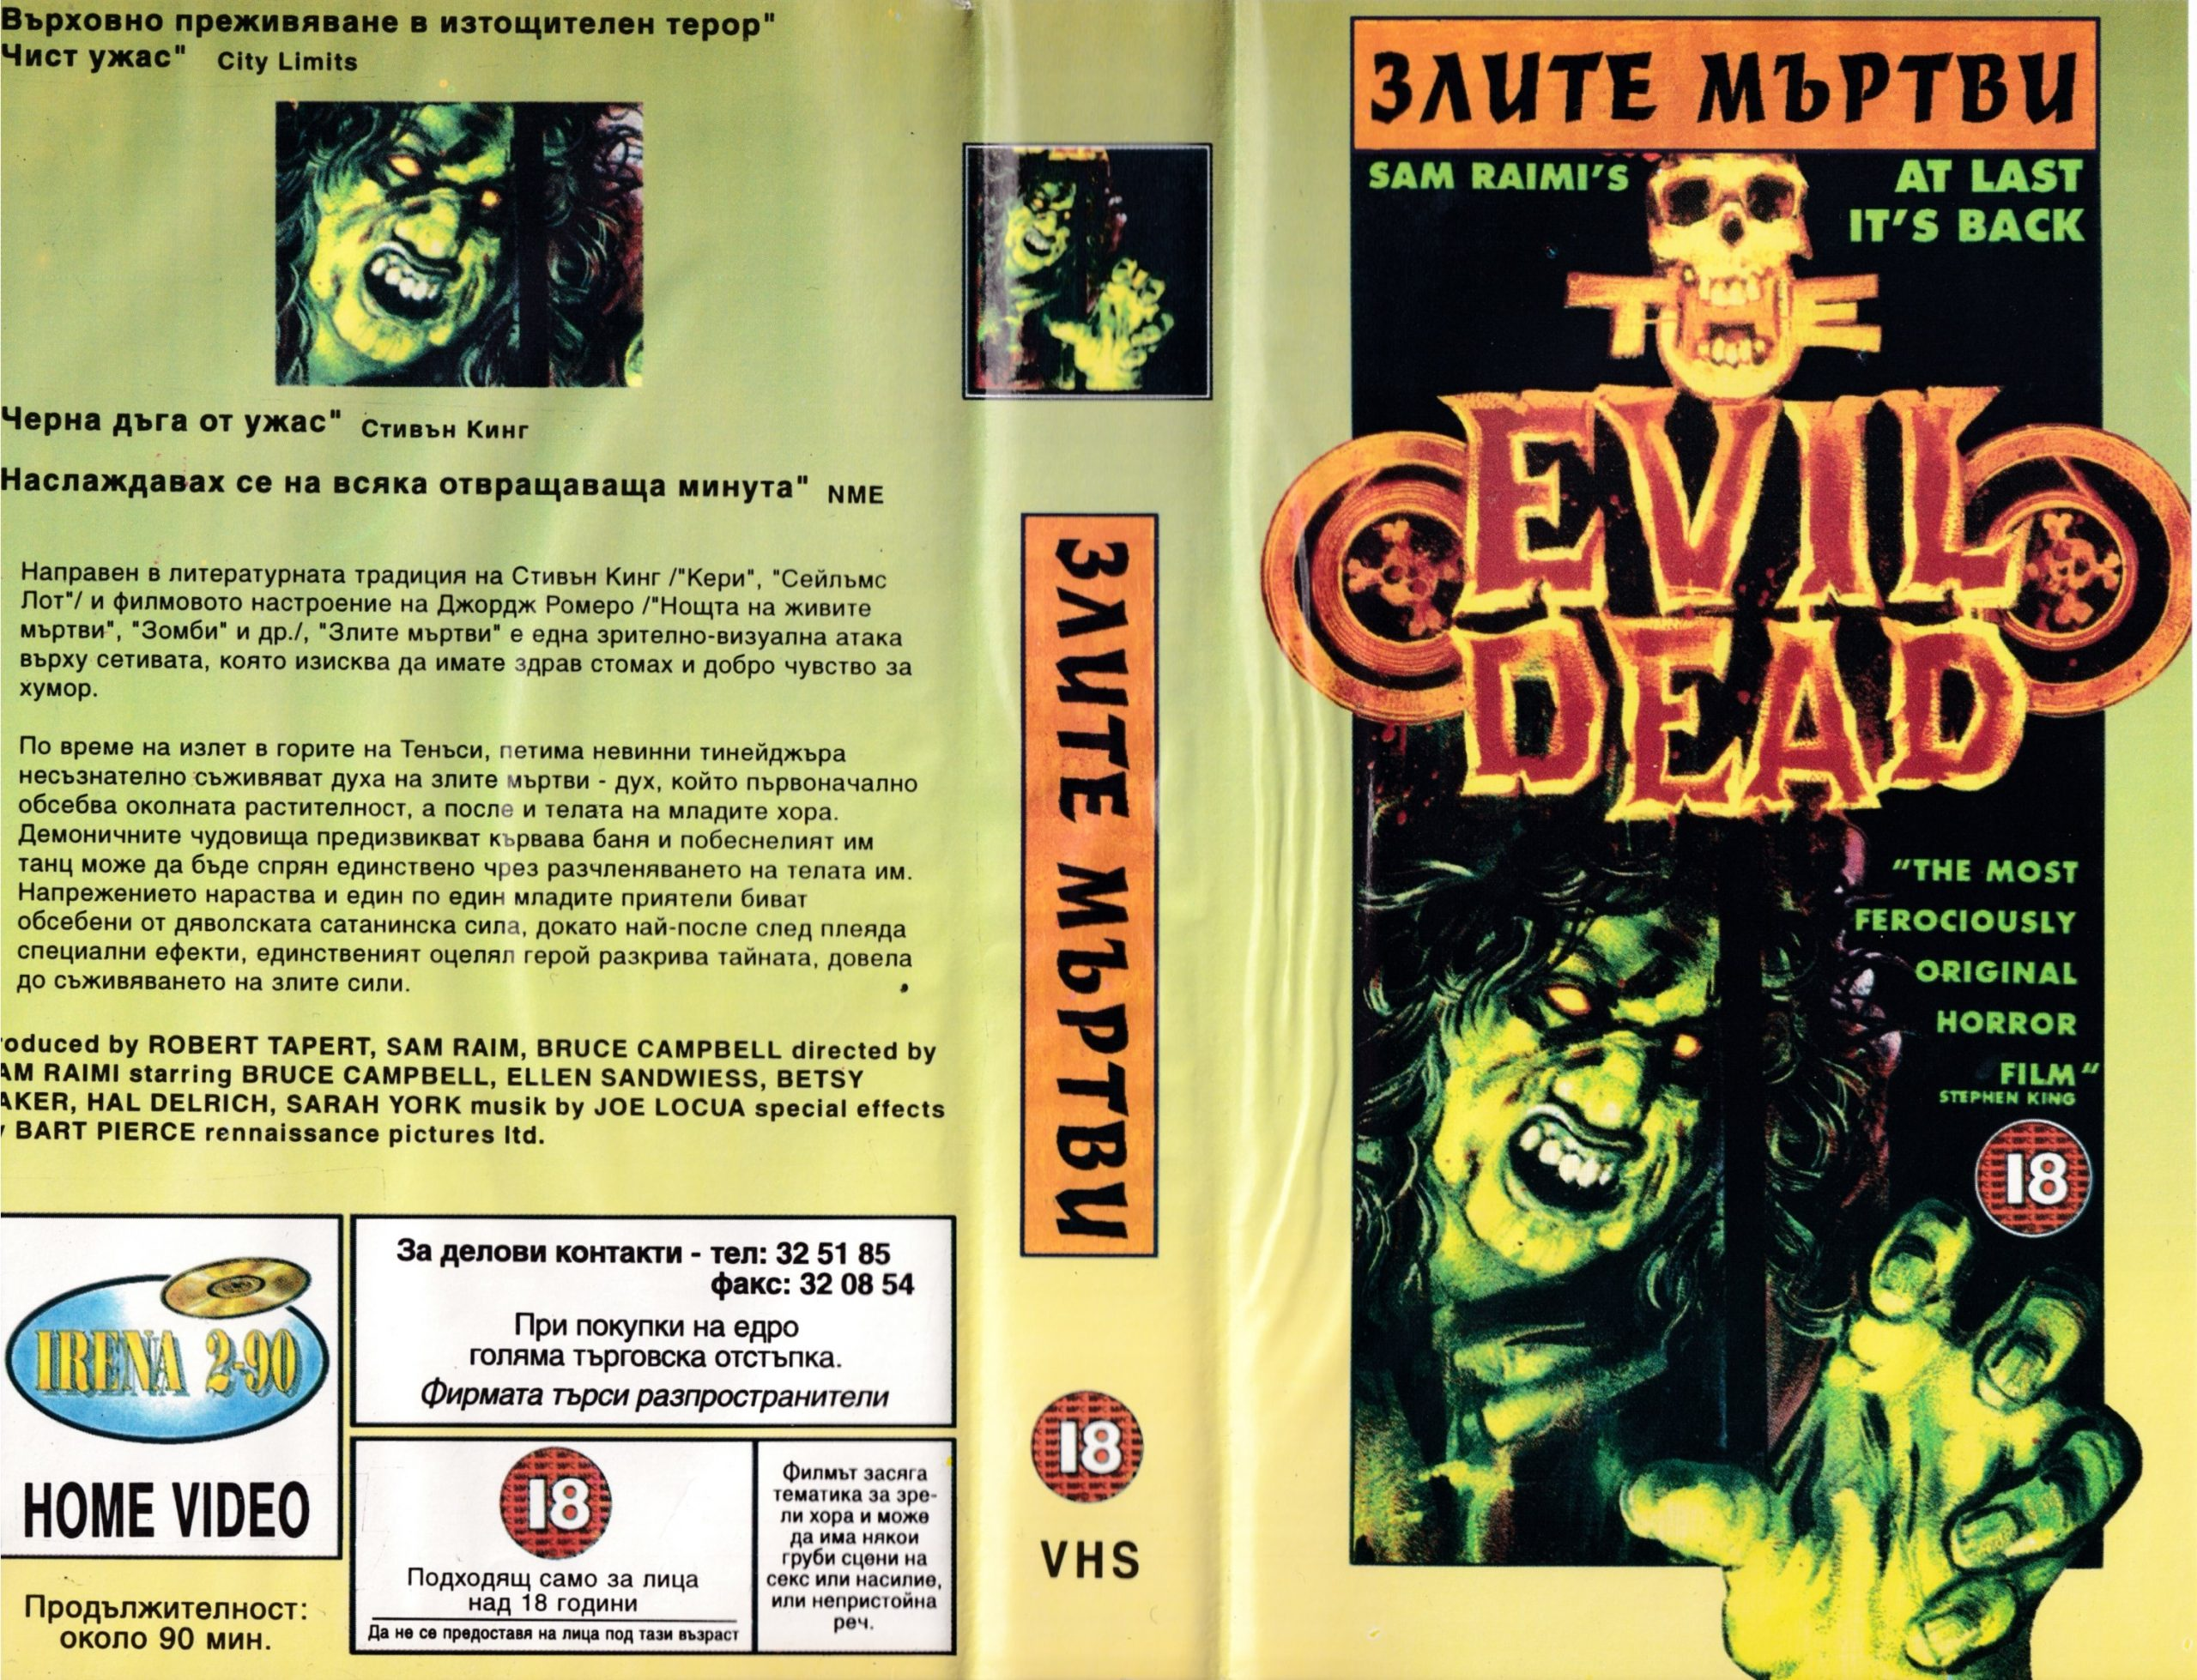 Злите мъртви филм